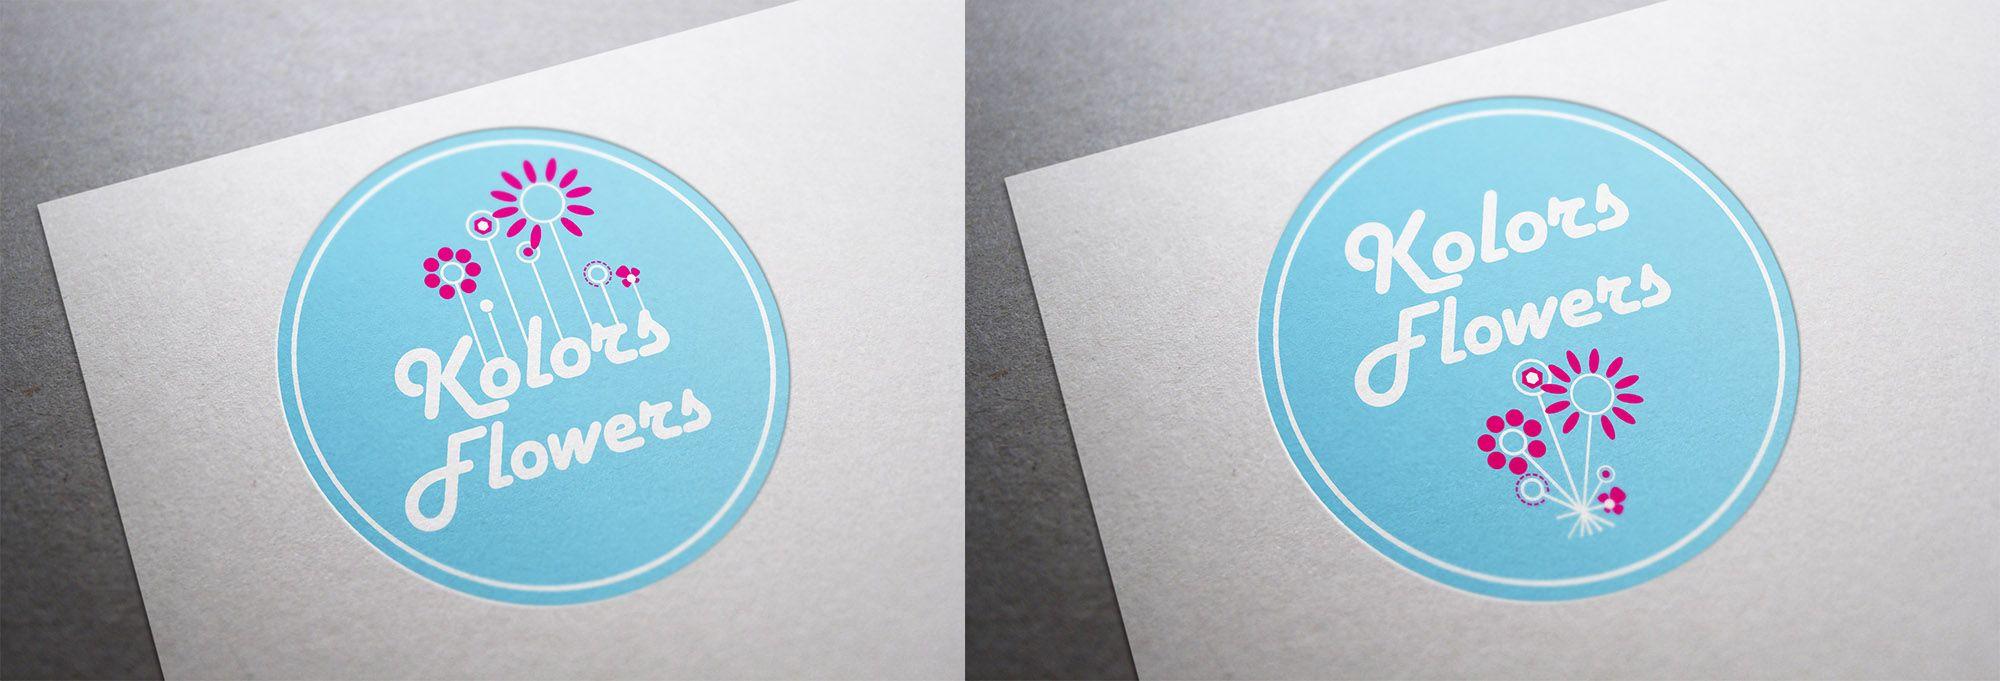 Colors & Flowers Логотип и фирменный стиль - дизайнер Vladlena_A